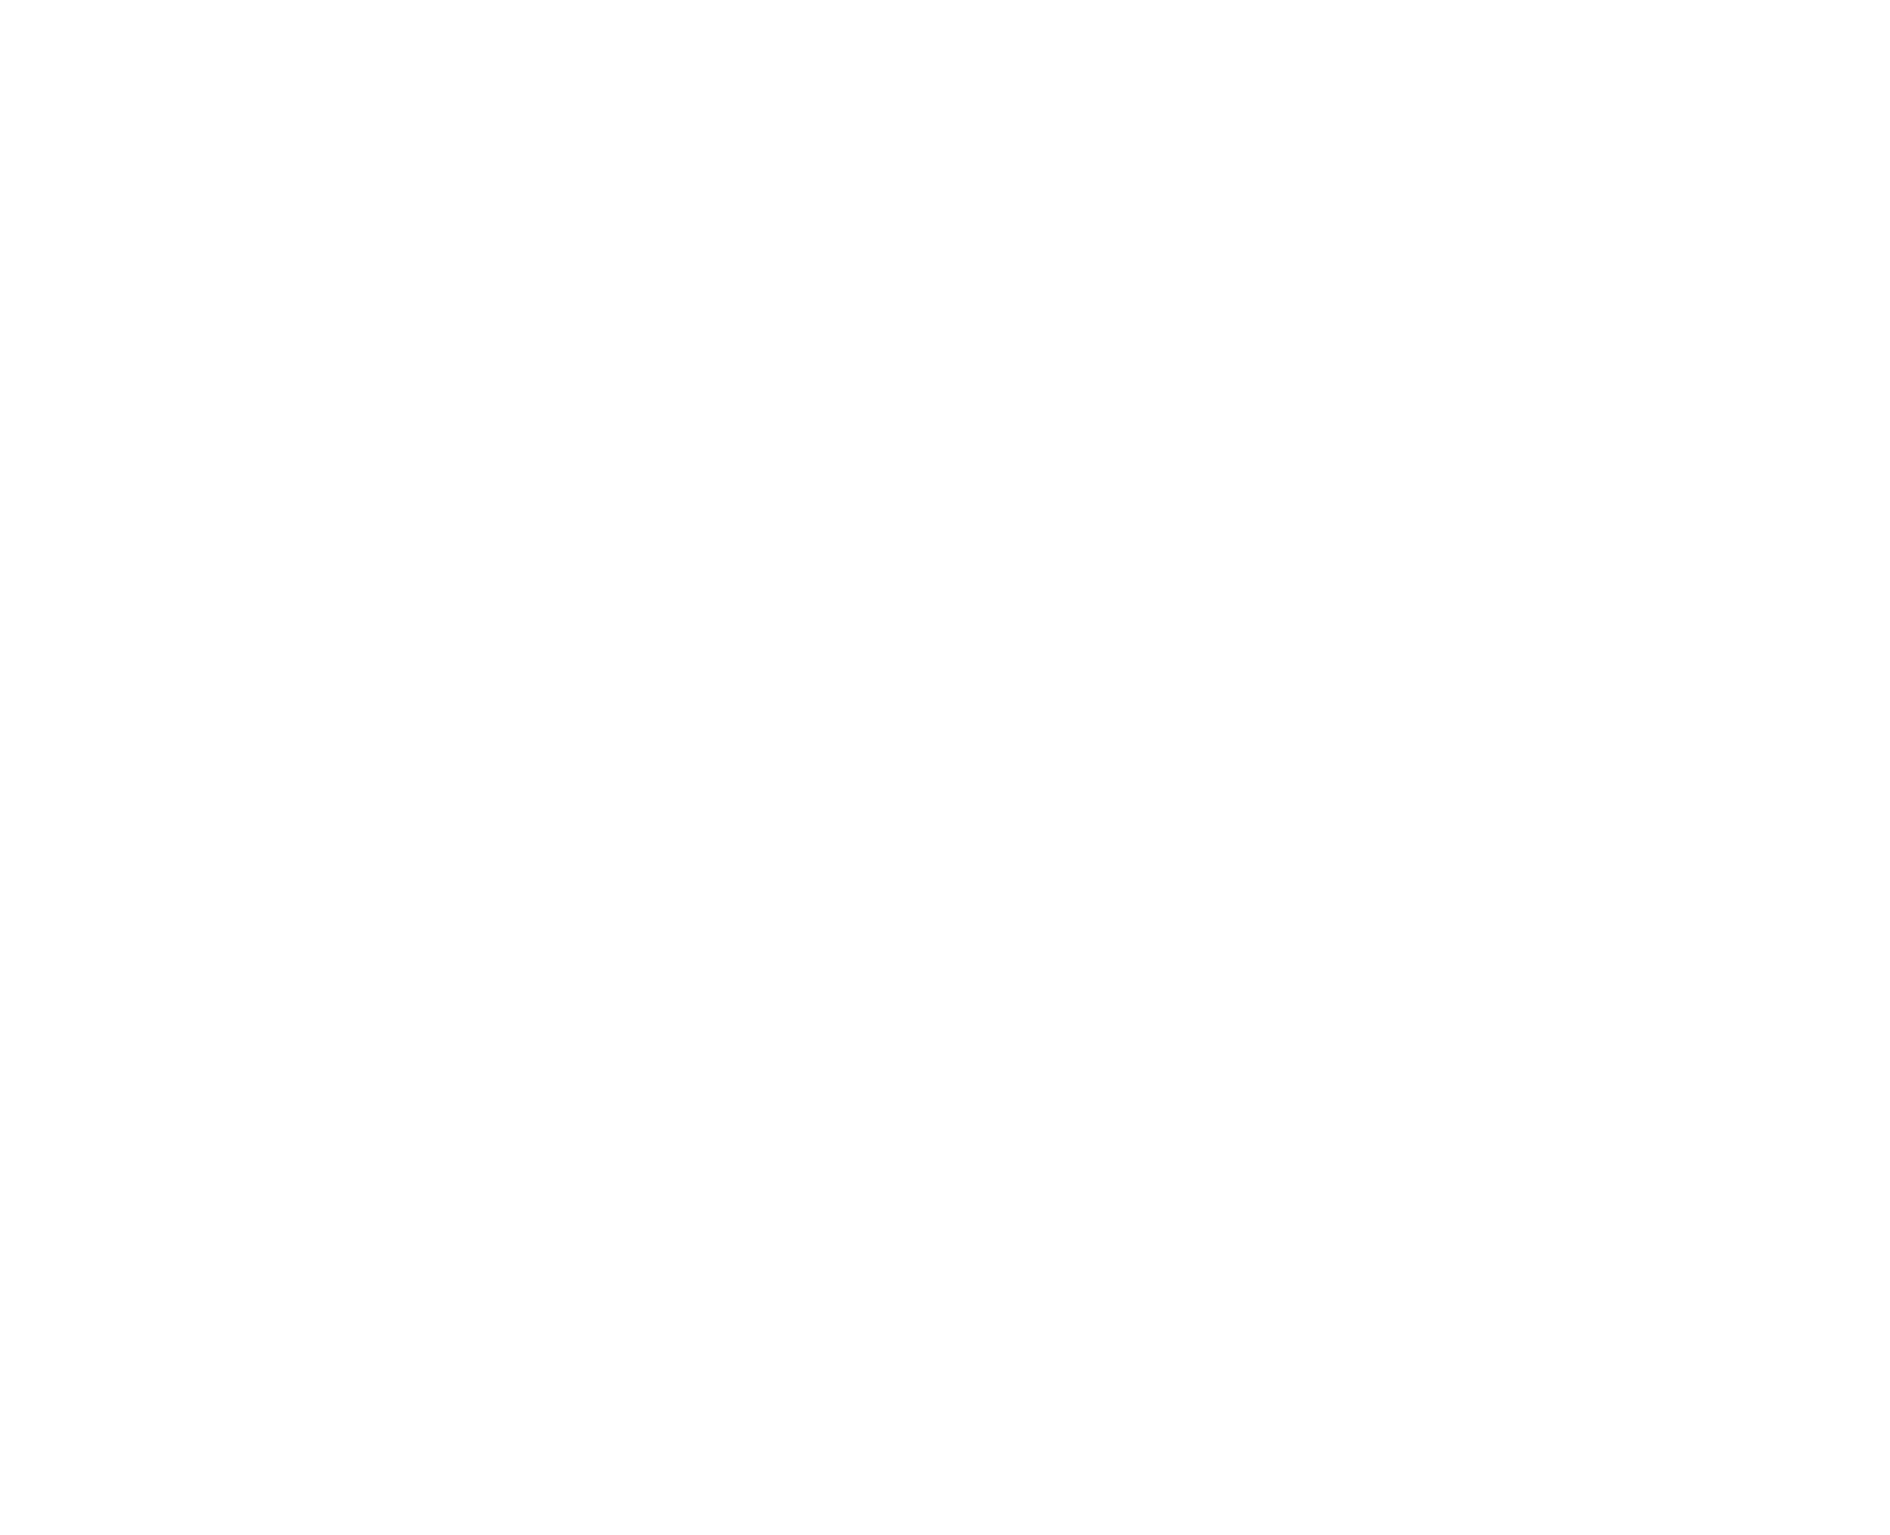 ZONAMAIS Imobiliaria